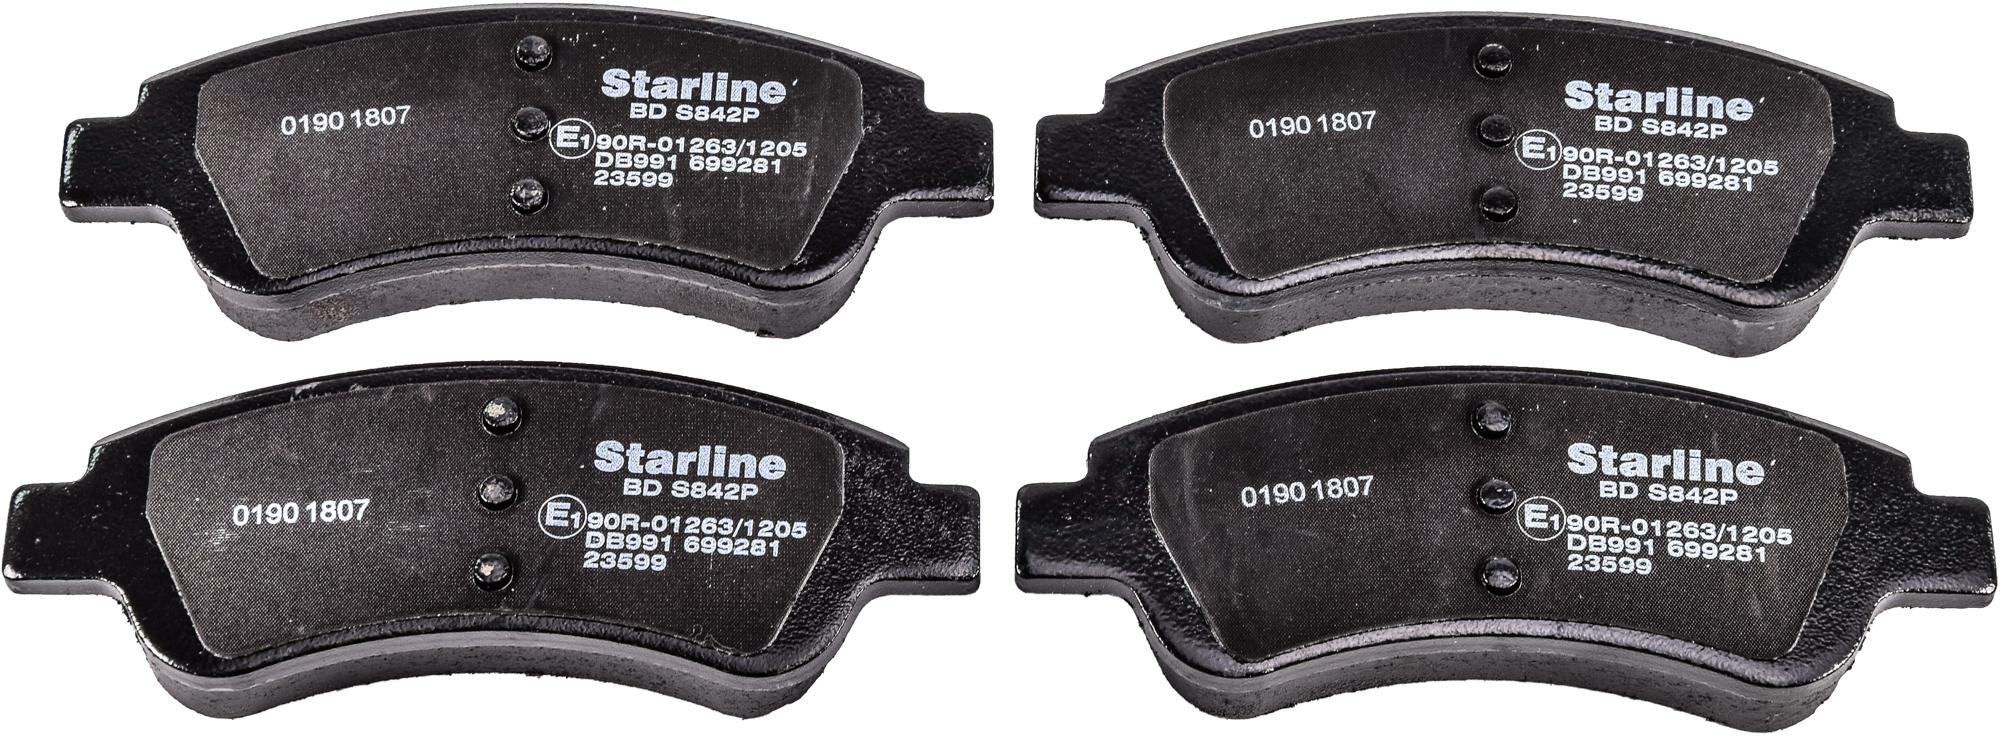 Купить Starline BDS842P Тормозные колодки